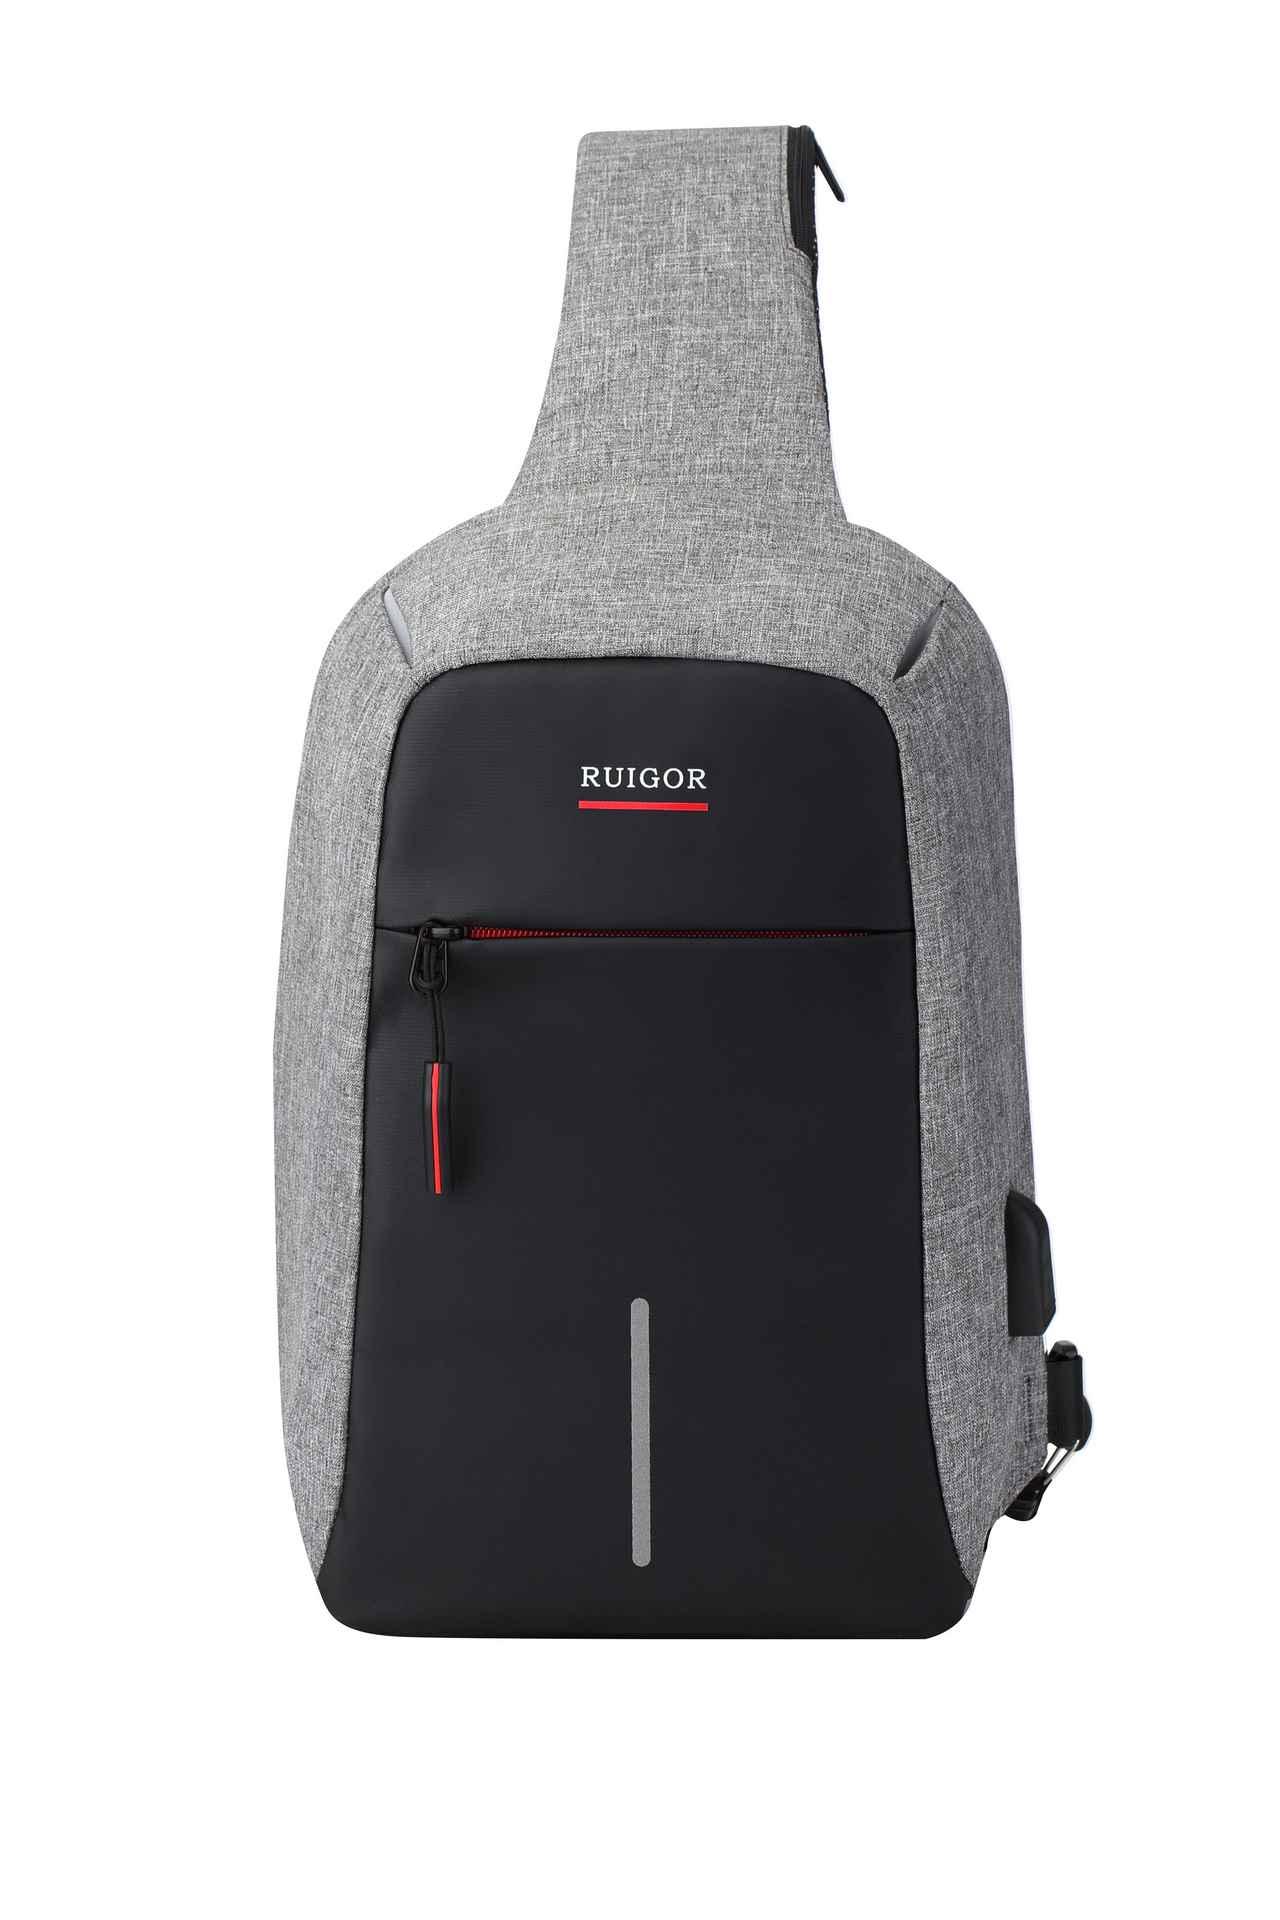 schweizer rucksäcke - Link44